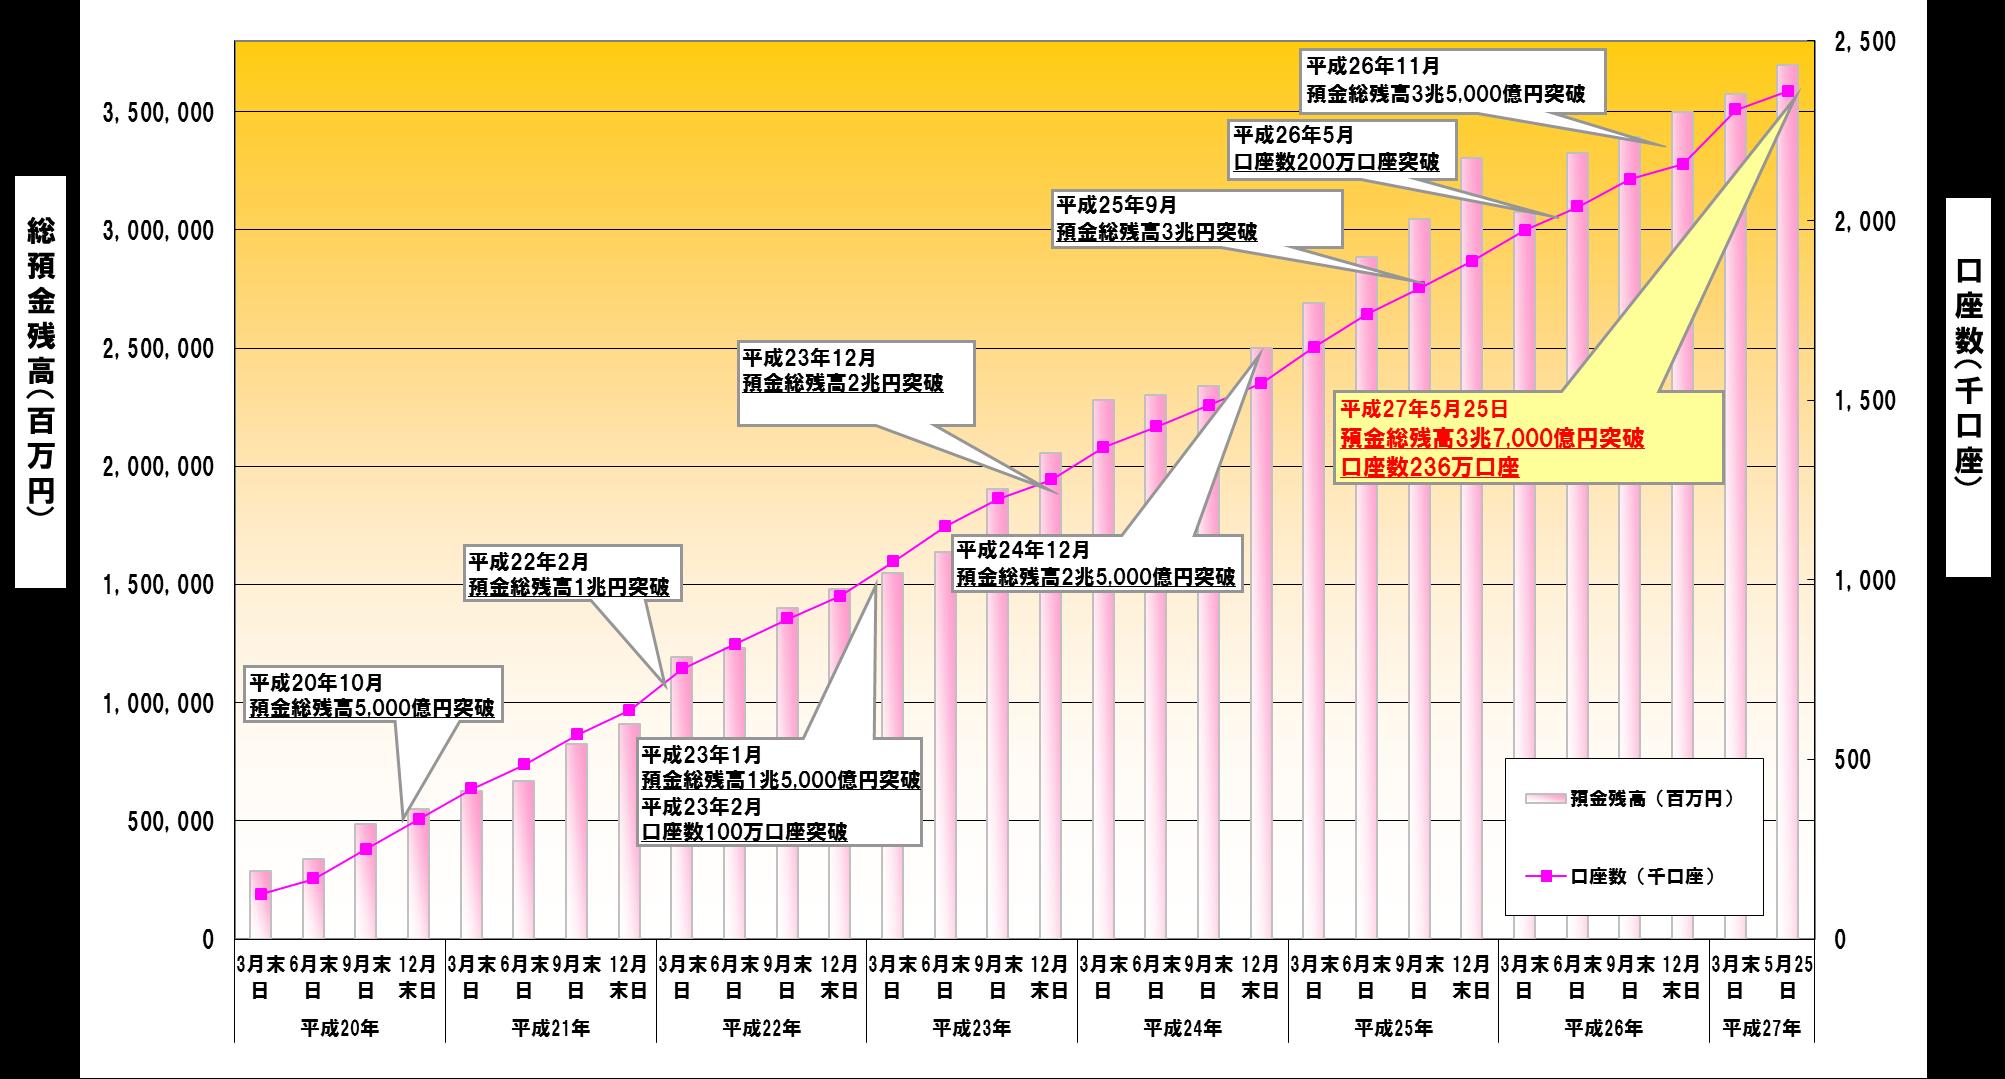 預金総残高推移グラフ